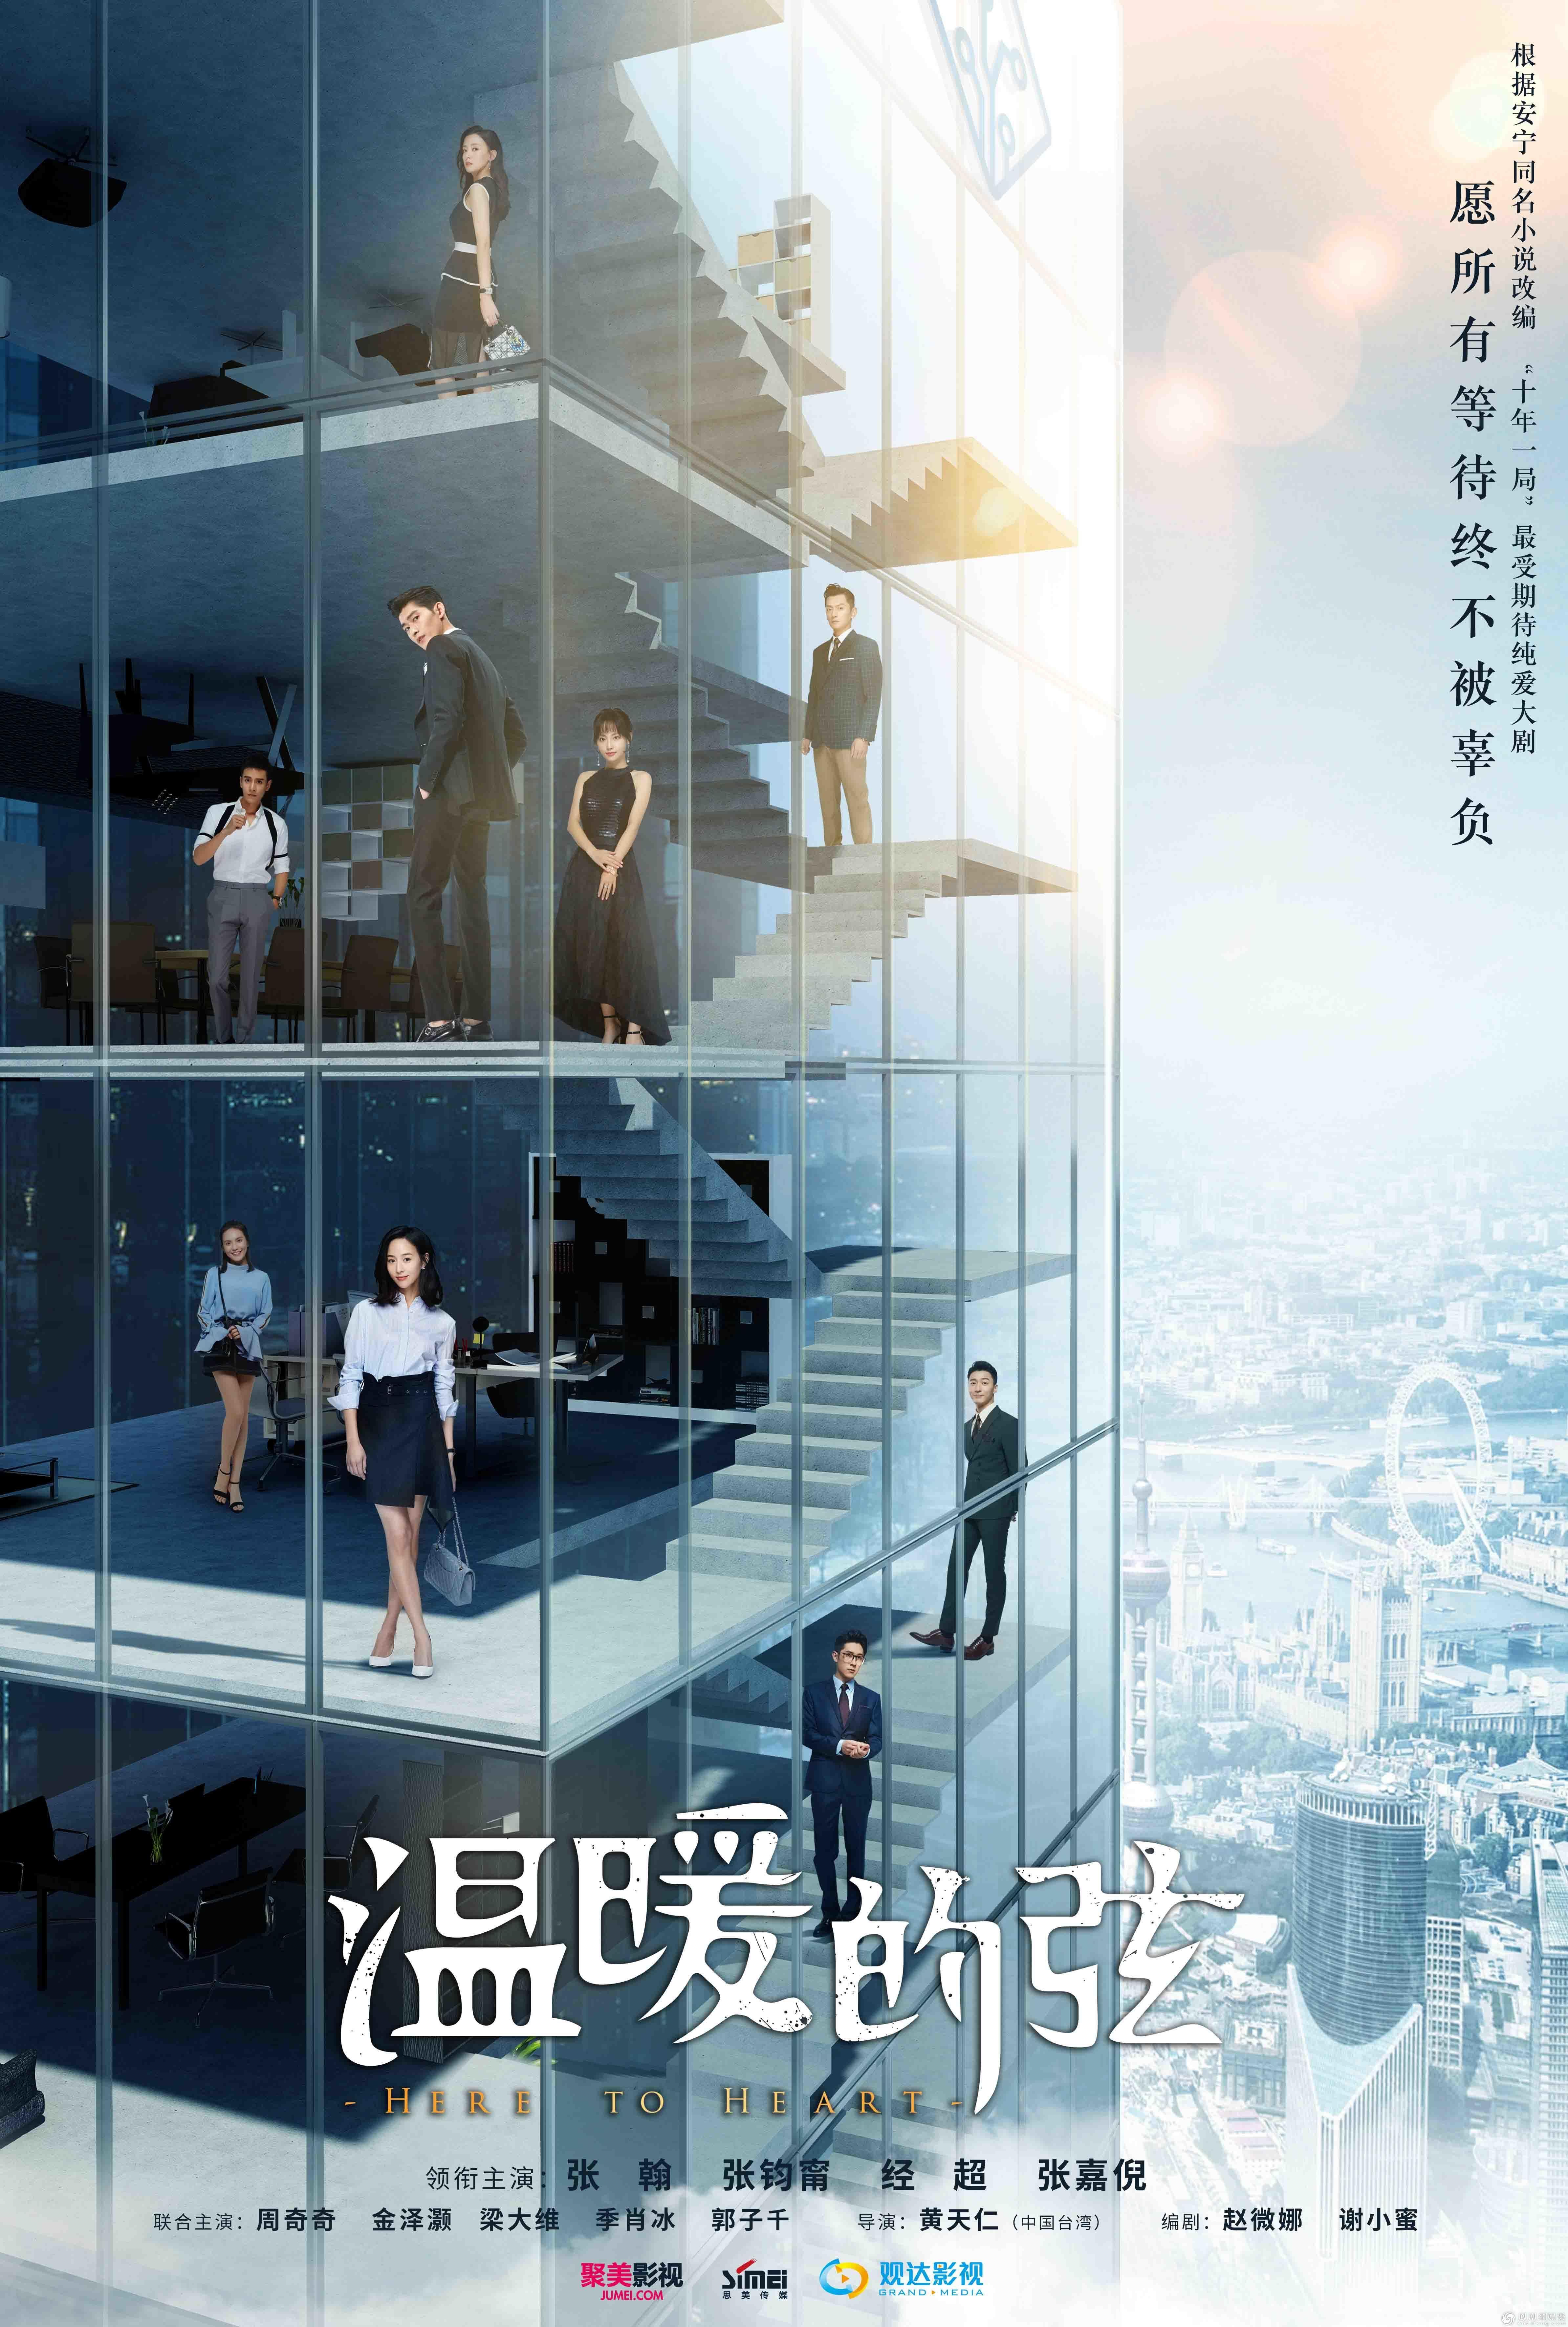 《温暖的弦》全阵容官宣 张翰张钧甯携手设局玩商战